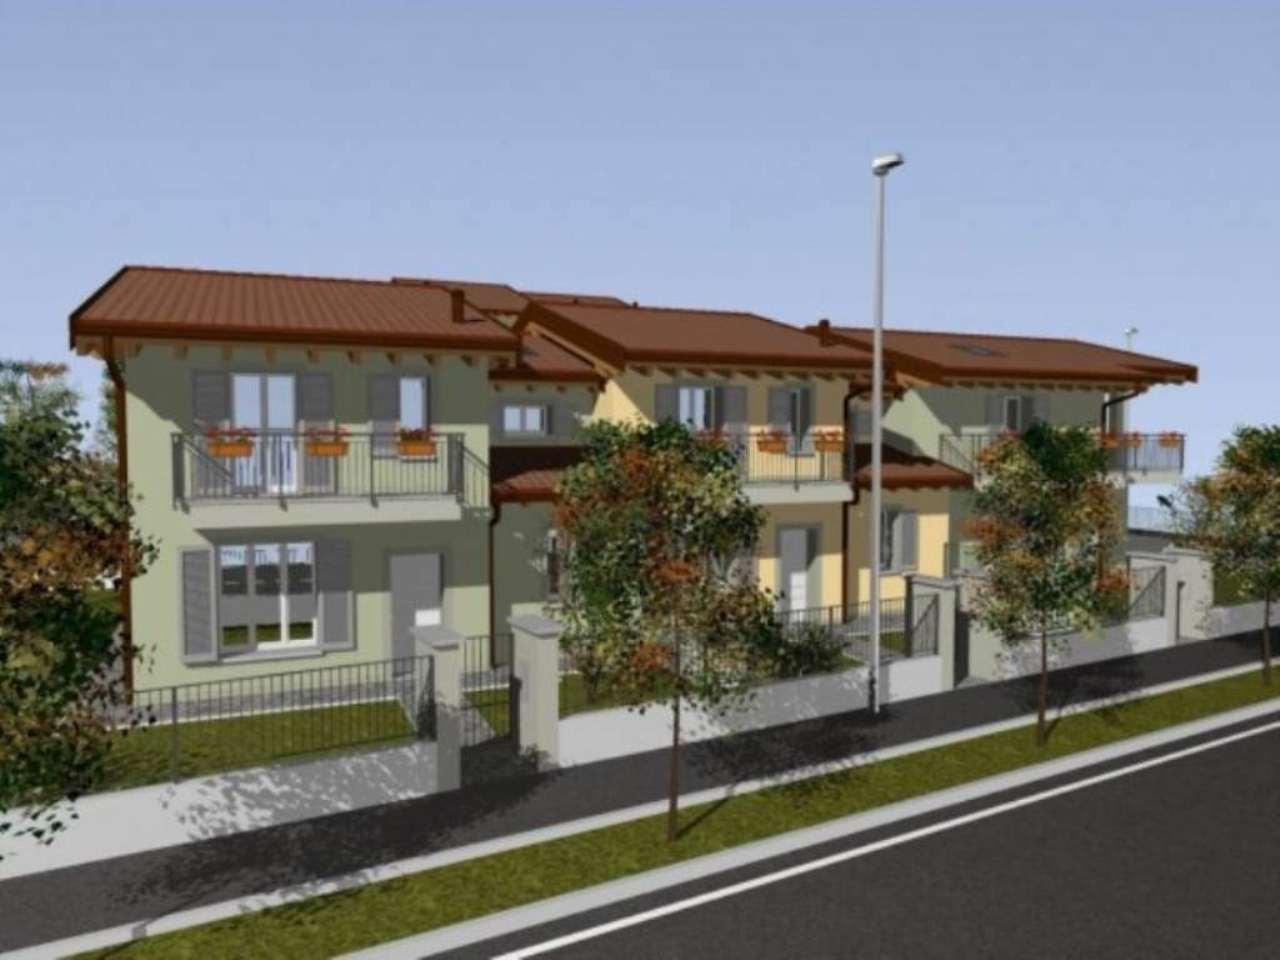 Villa a Schiera in vendita a Mozzanica, 4 locali, prezzo € 235.000 | CambioCasa.it